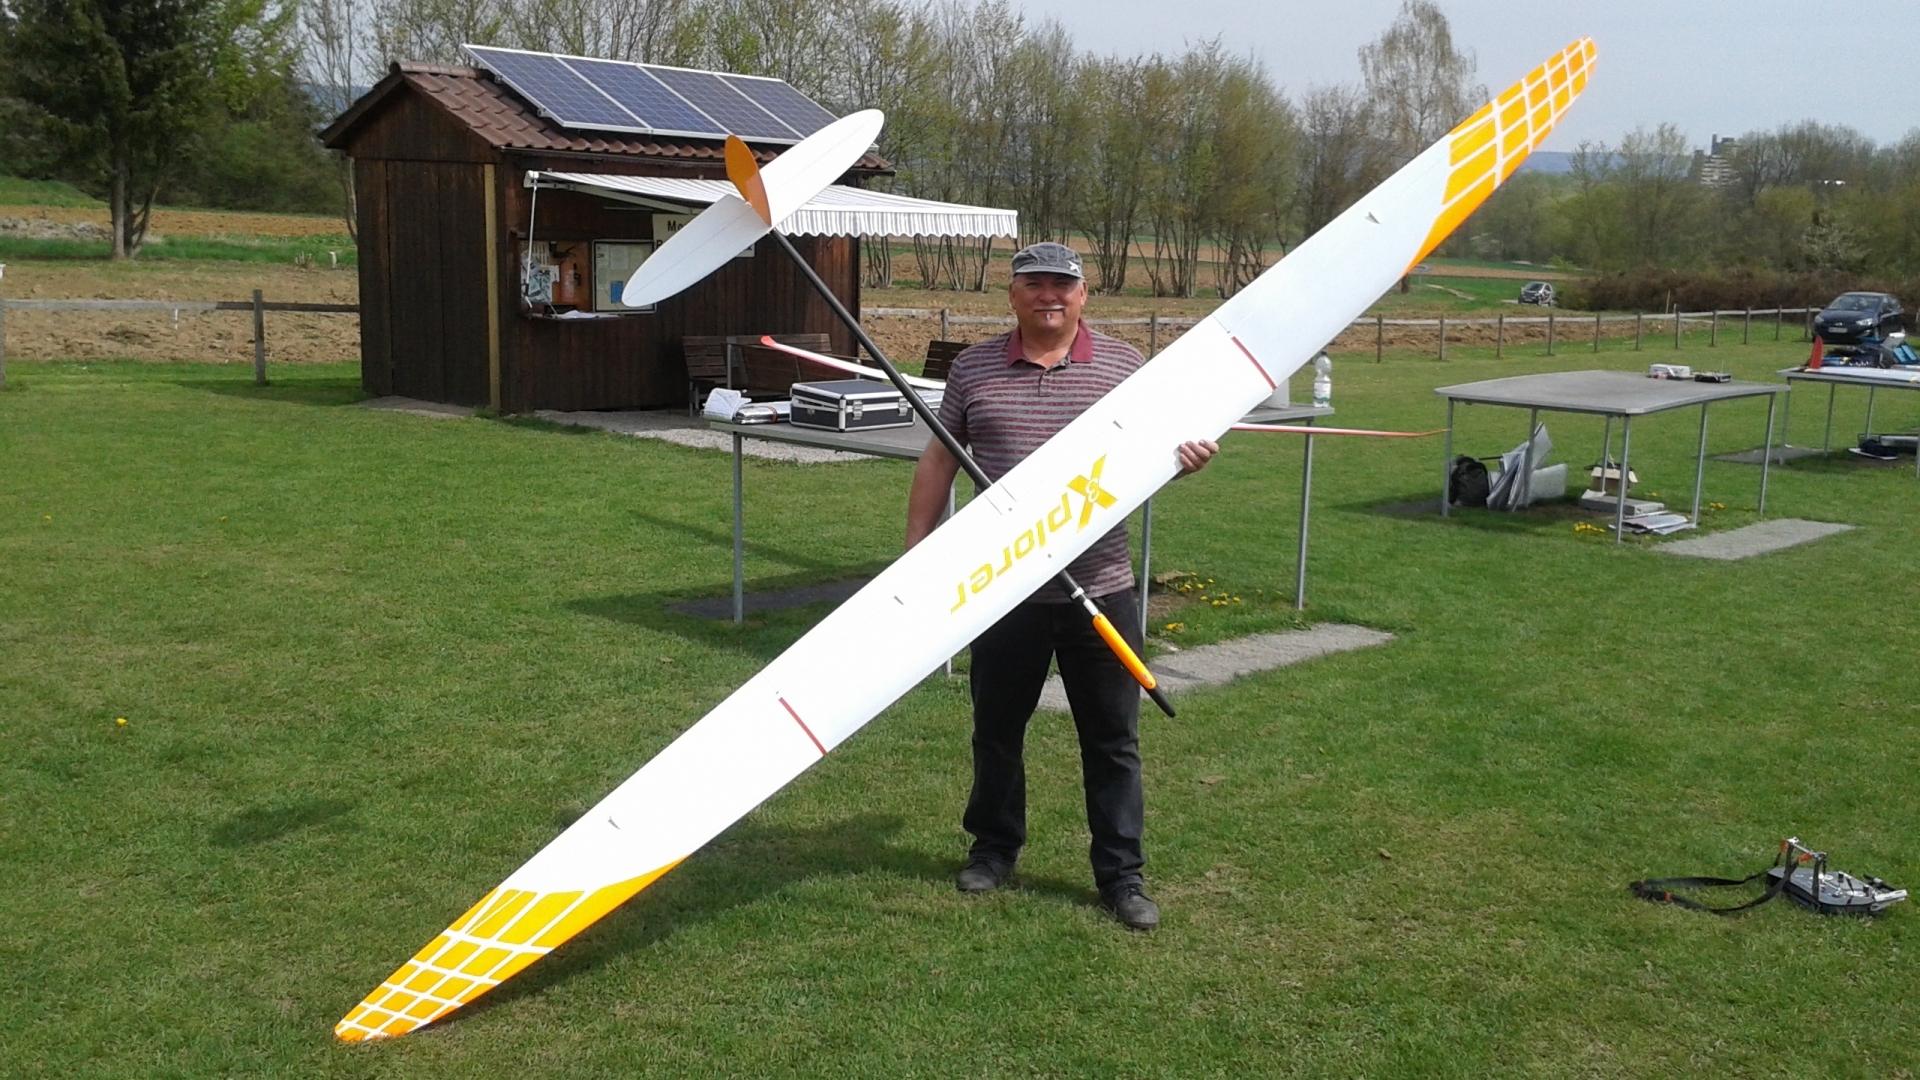 Xplorer 3 3800 F3J, NAN Models